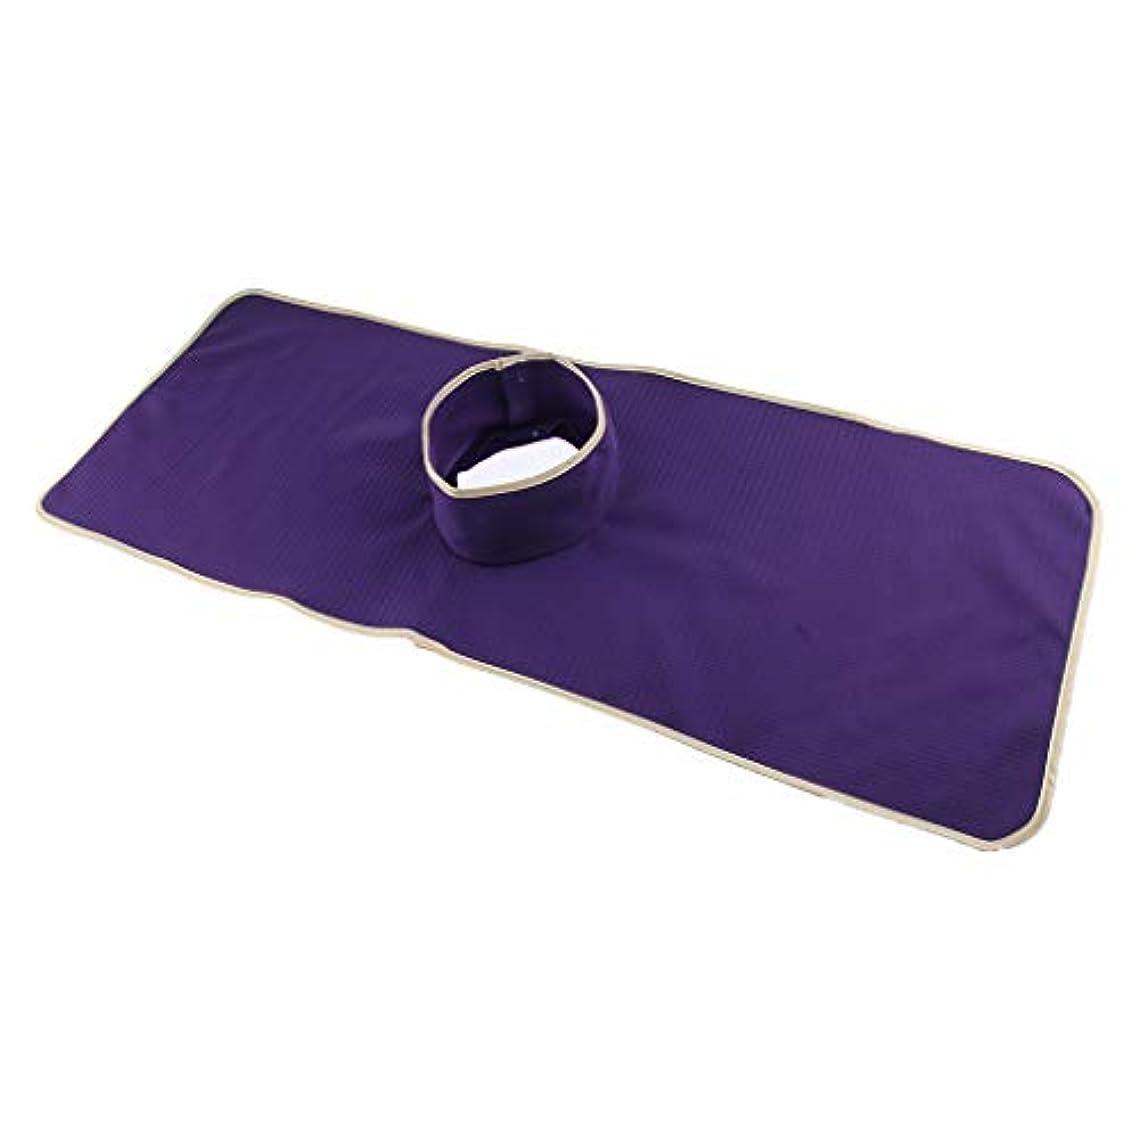 隙間ファンド感情のchiwanji 洗える指圧マッサージベッドタトゥーテーブルシートパッドマットフェイスホールカバー - 紫